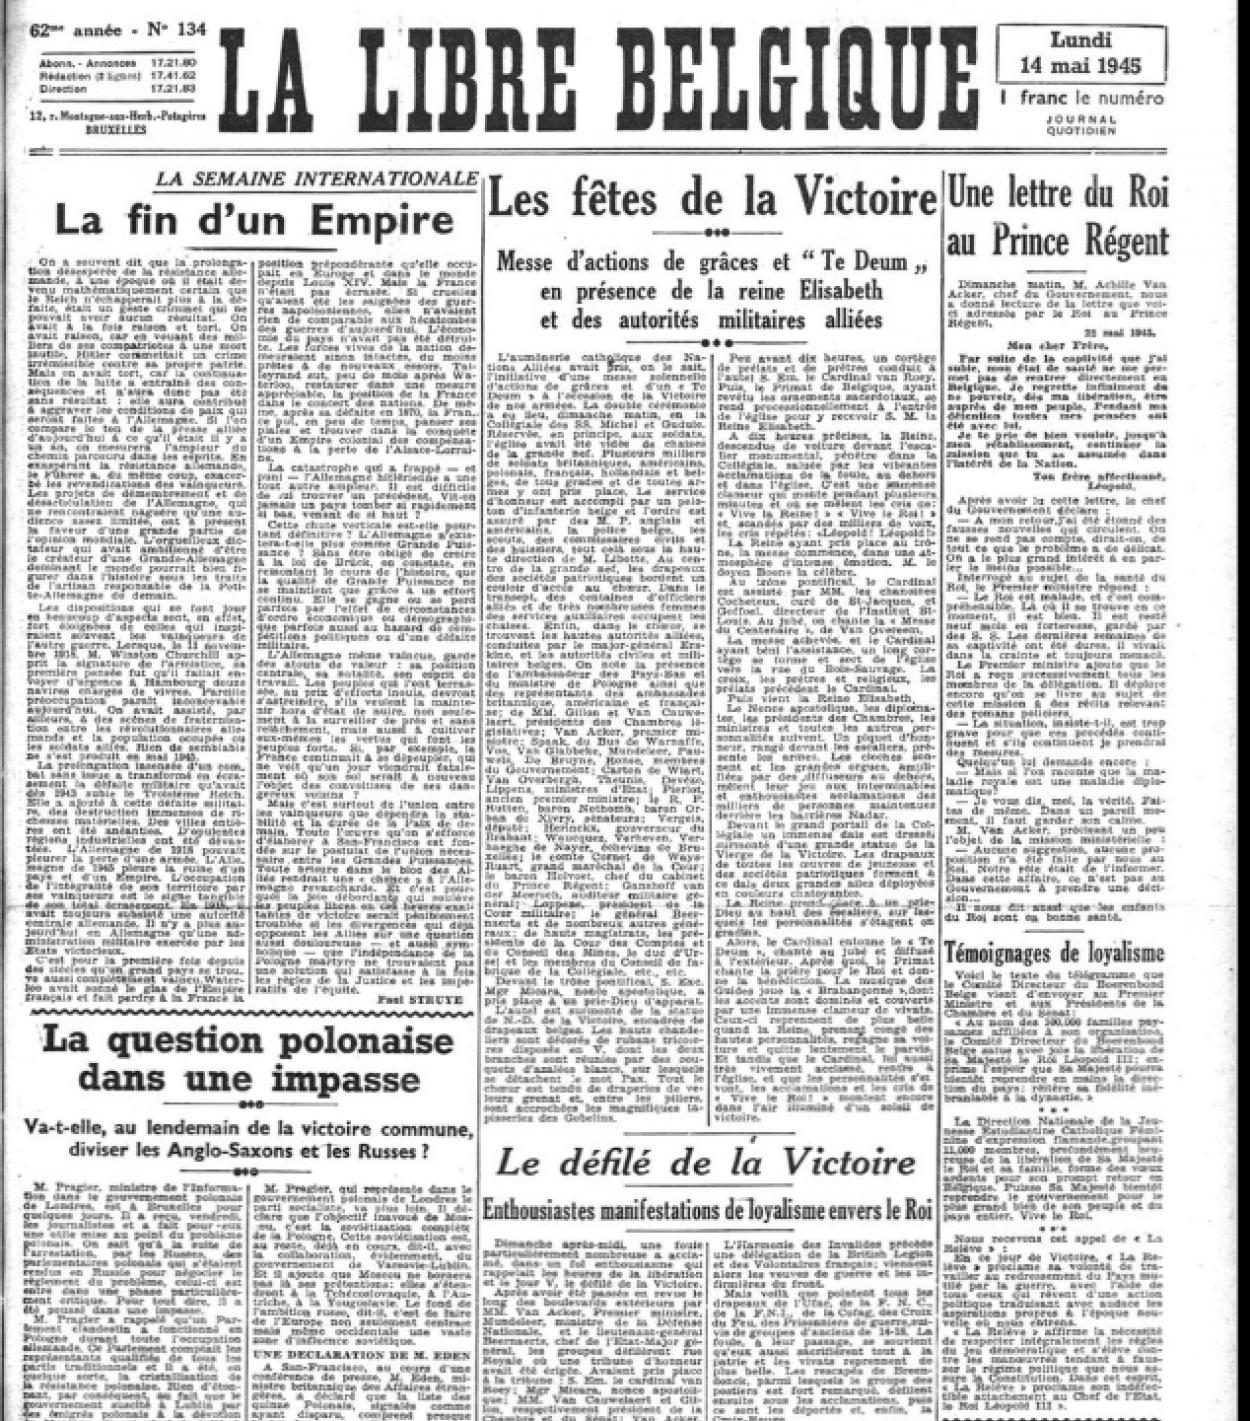 la-libre-belgique-14-5-1945.png